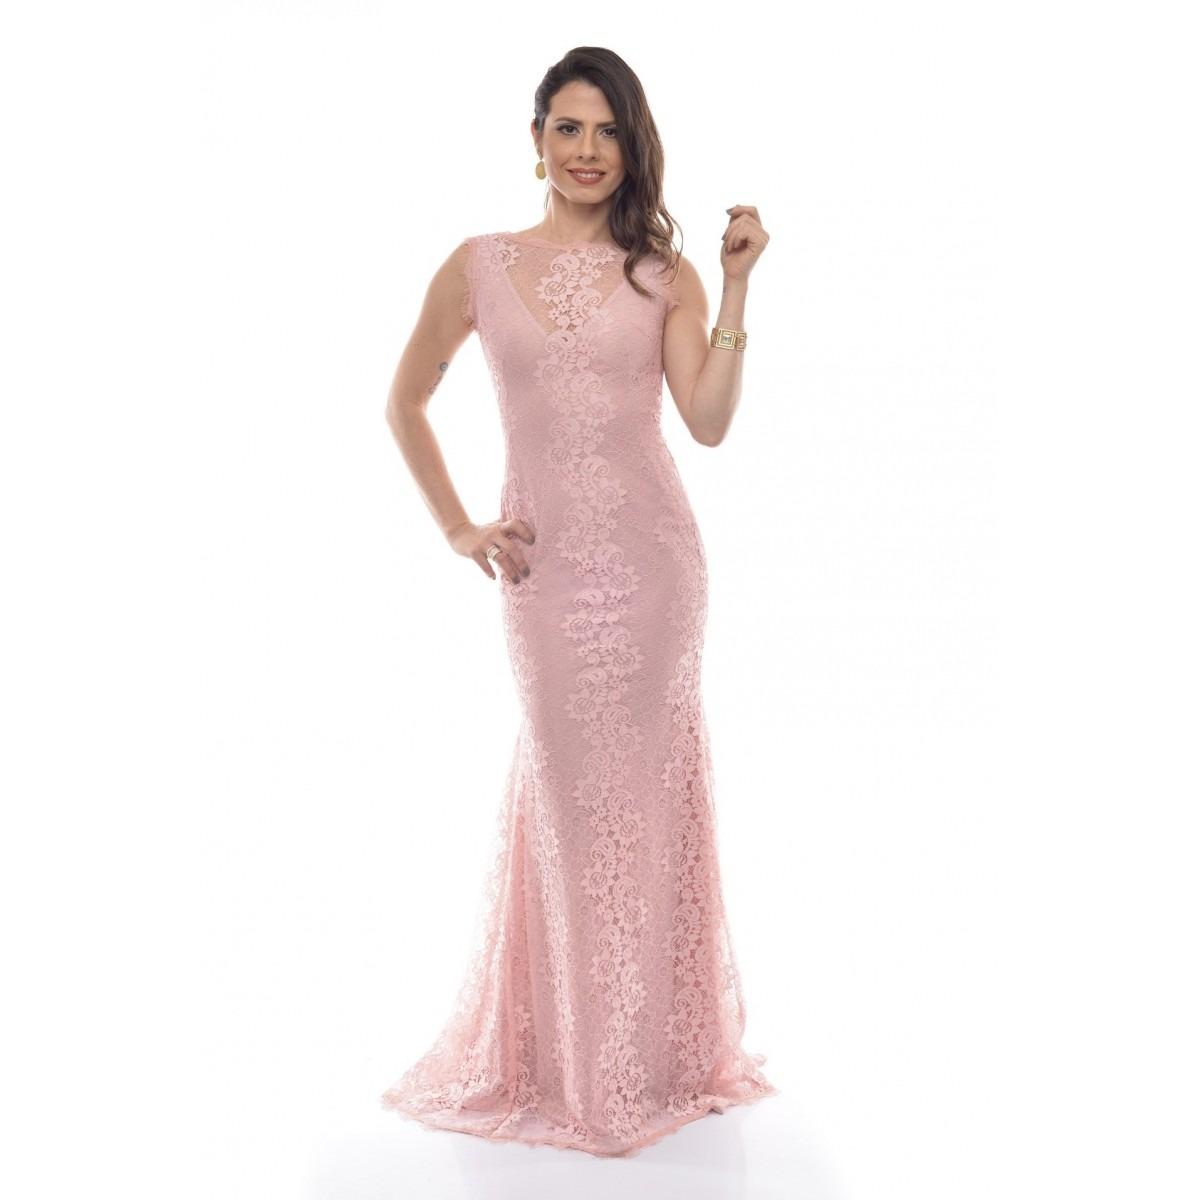 04ee240490 vestido longo festa rendado decote canoa georgia - rosa. Carregando zoom... vestido  longo festa. Carregando zoom.